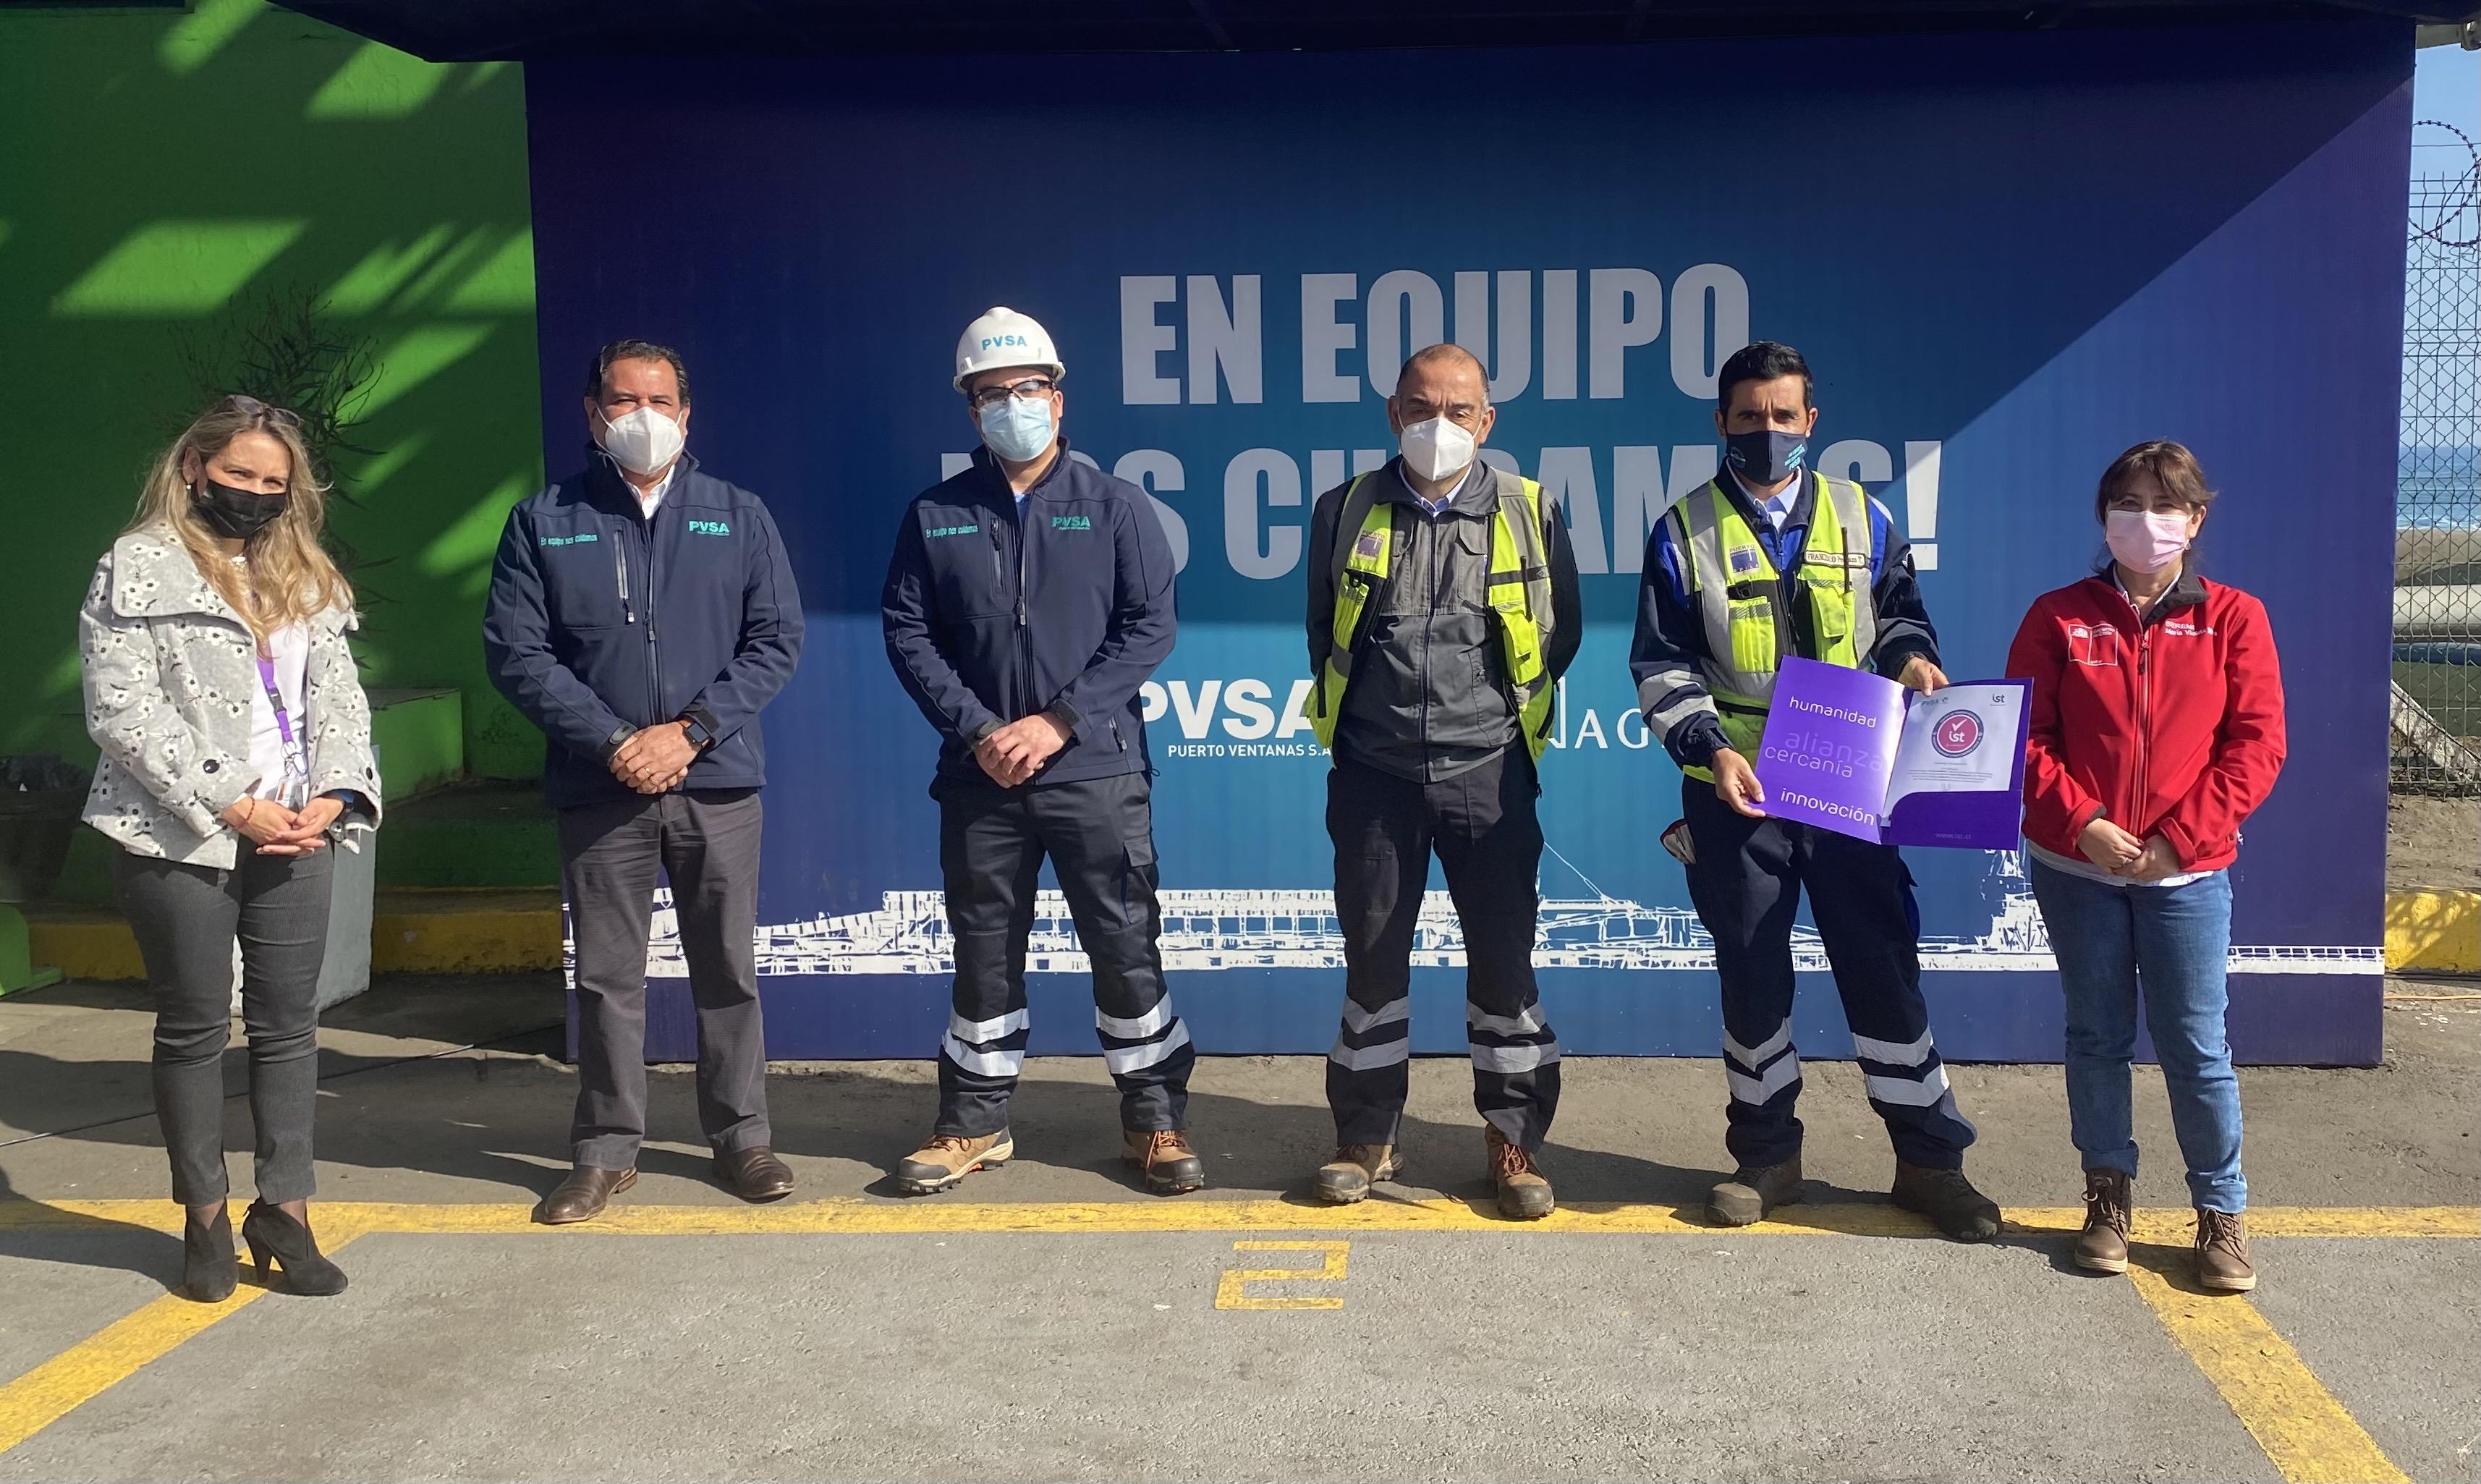 Puerto Ventanas y Agmac primeras empresas portuarias de Chile en recibir sello Covid del IST